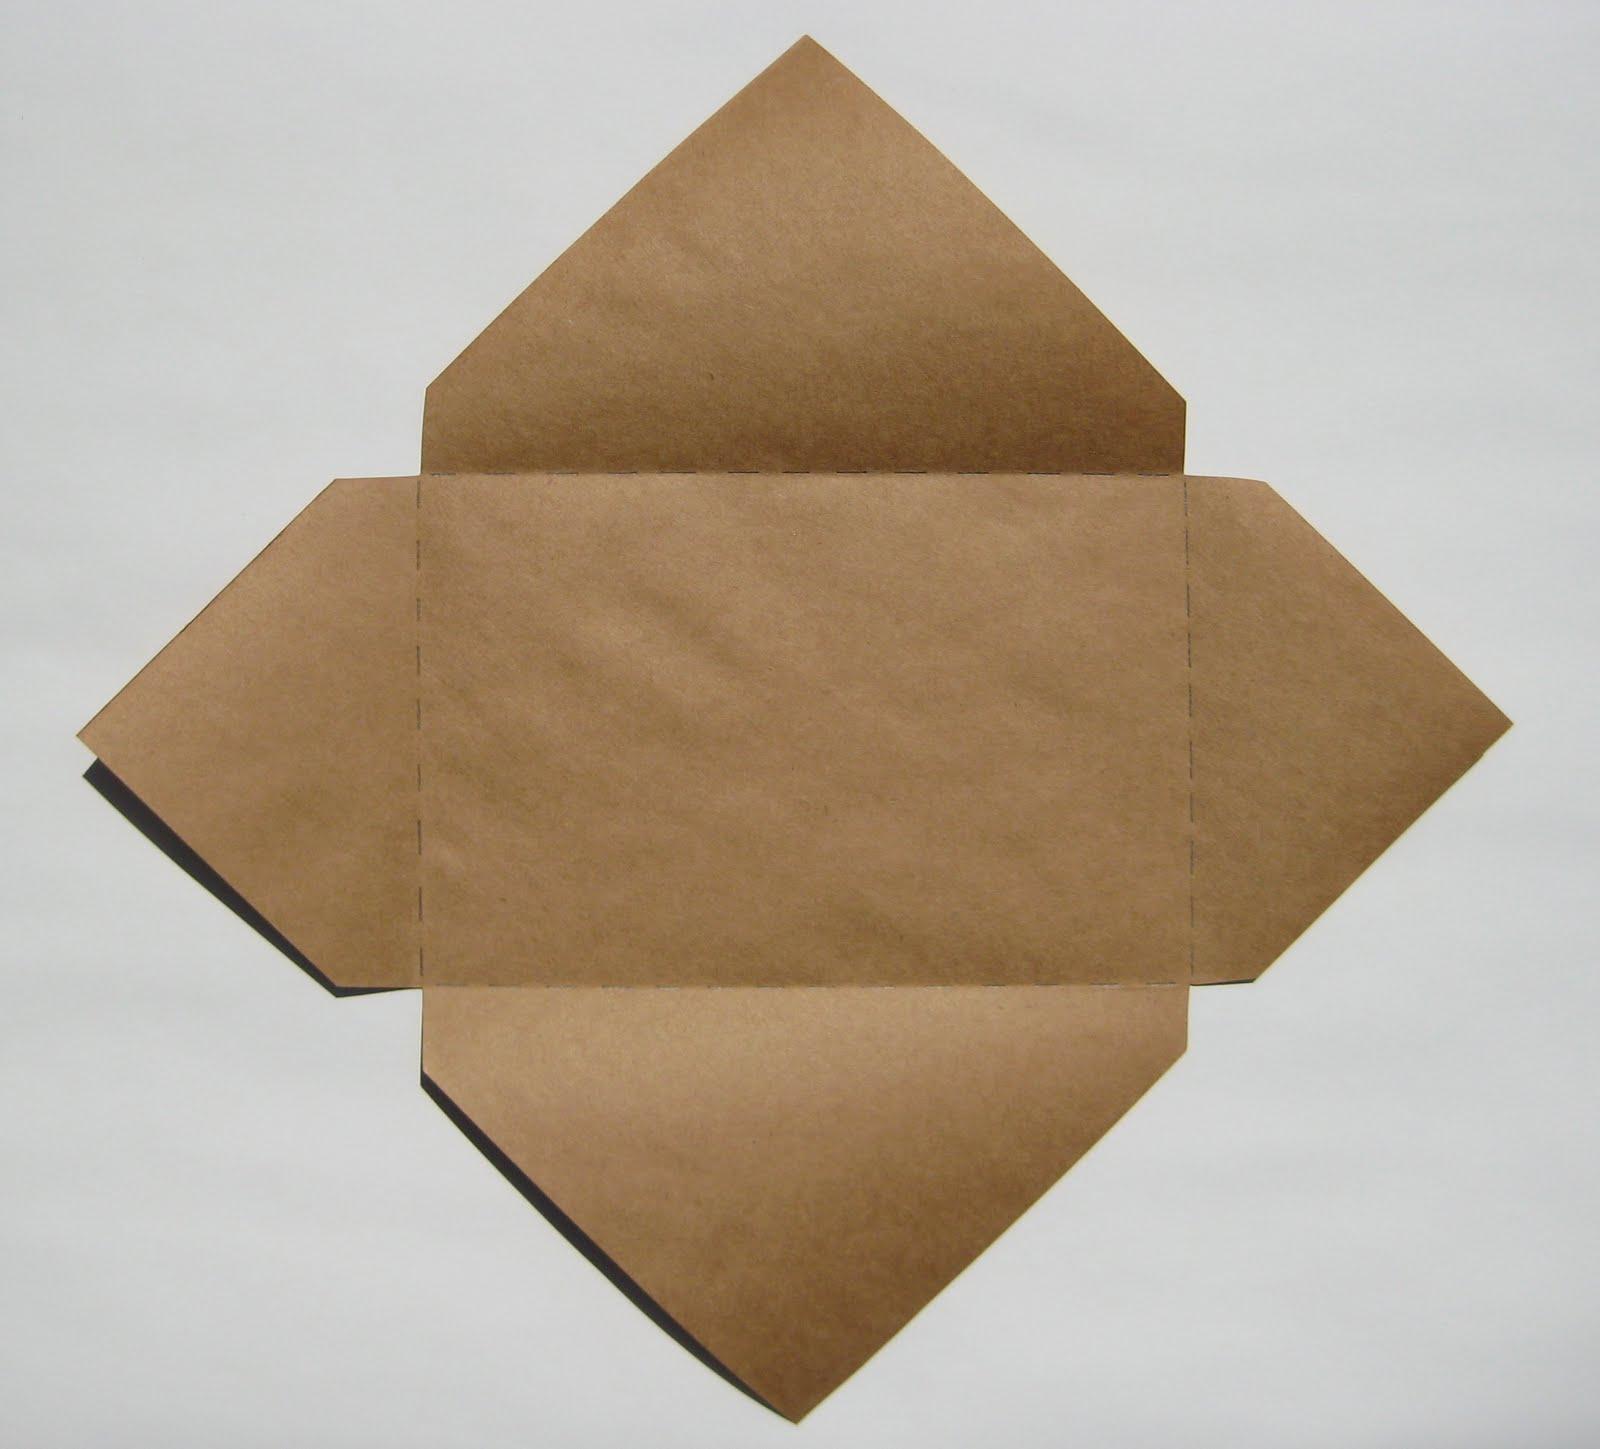 Envelope Origami Letters Easy Envelopes For Handmade Cards Teachkidsart